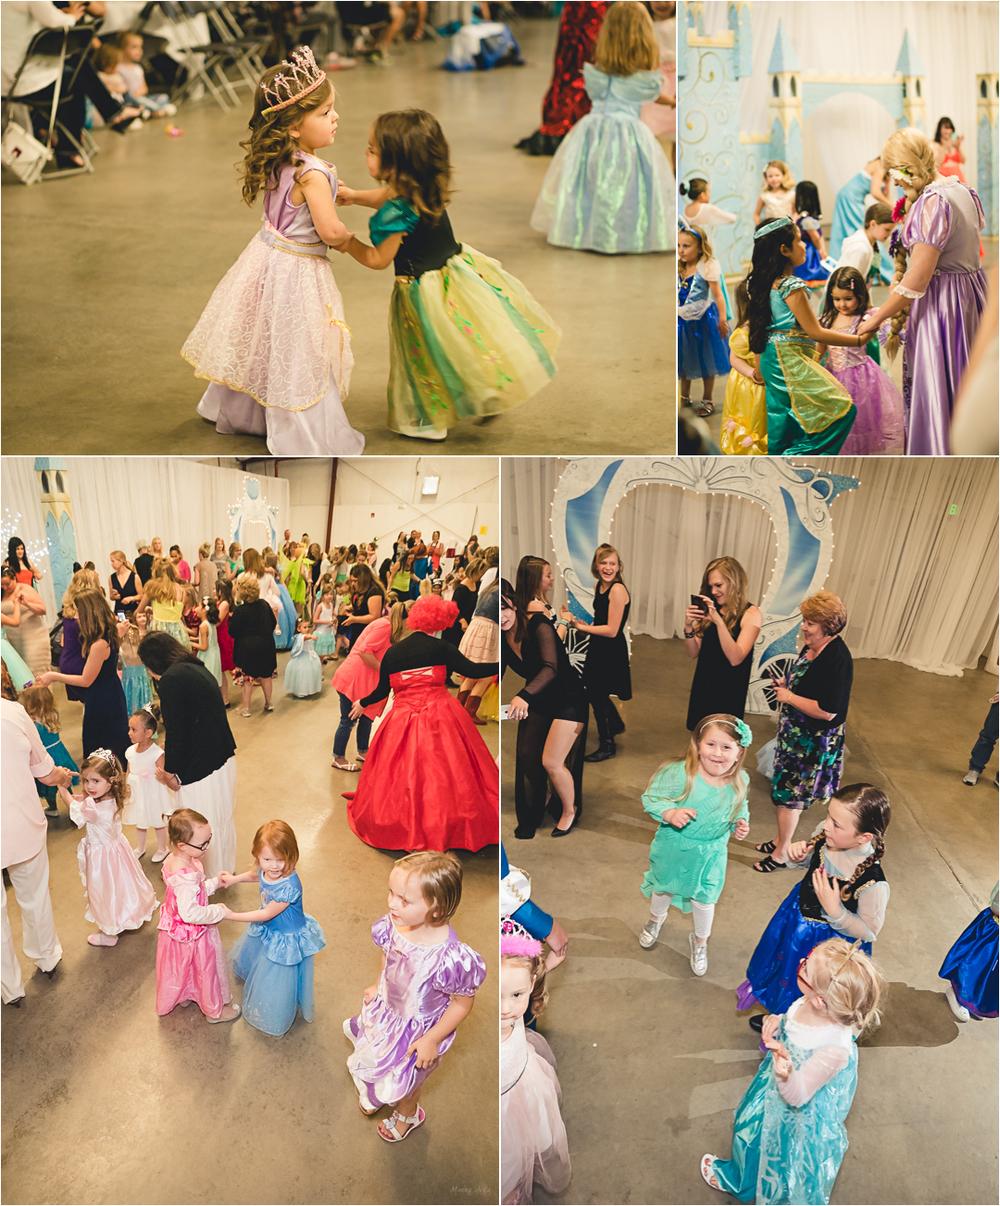 fun dancing with princesses